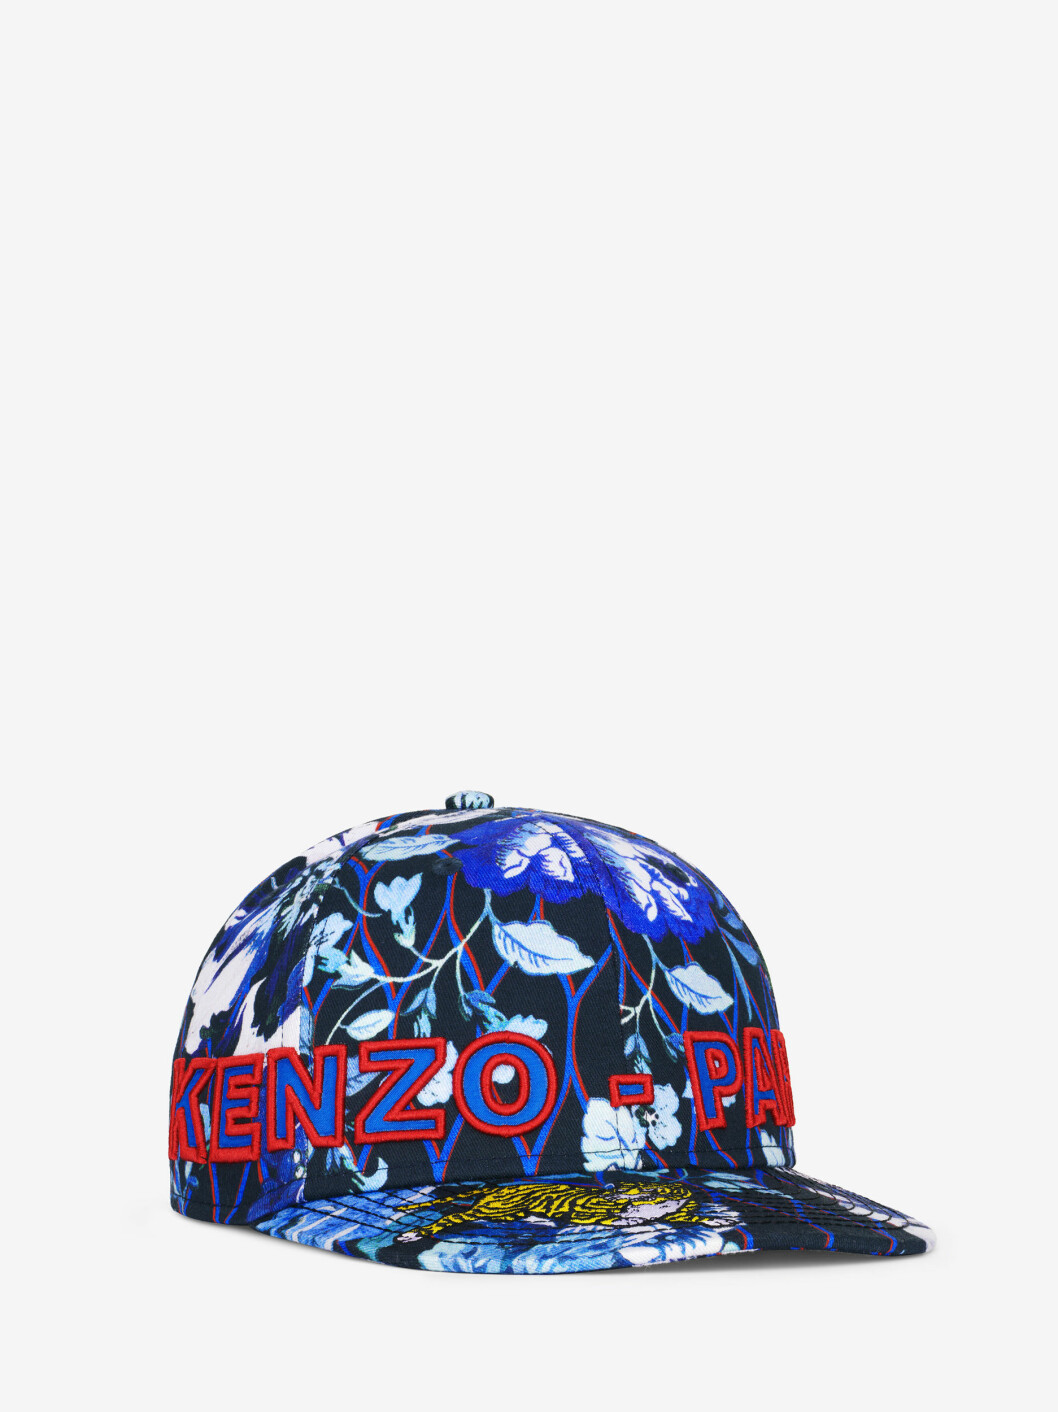 Caps, kr 399.